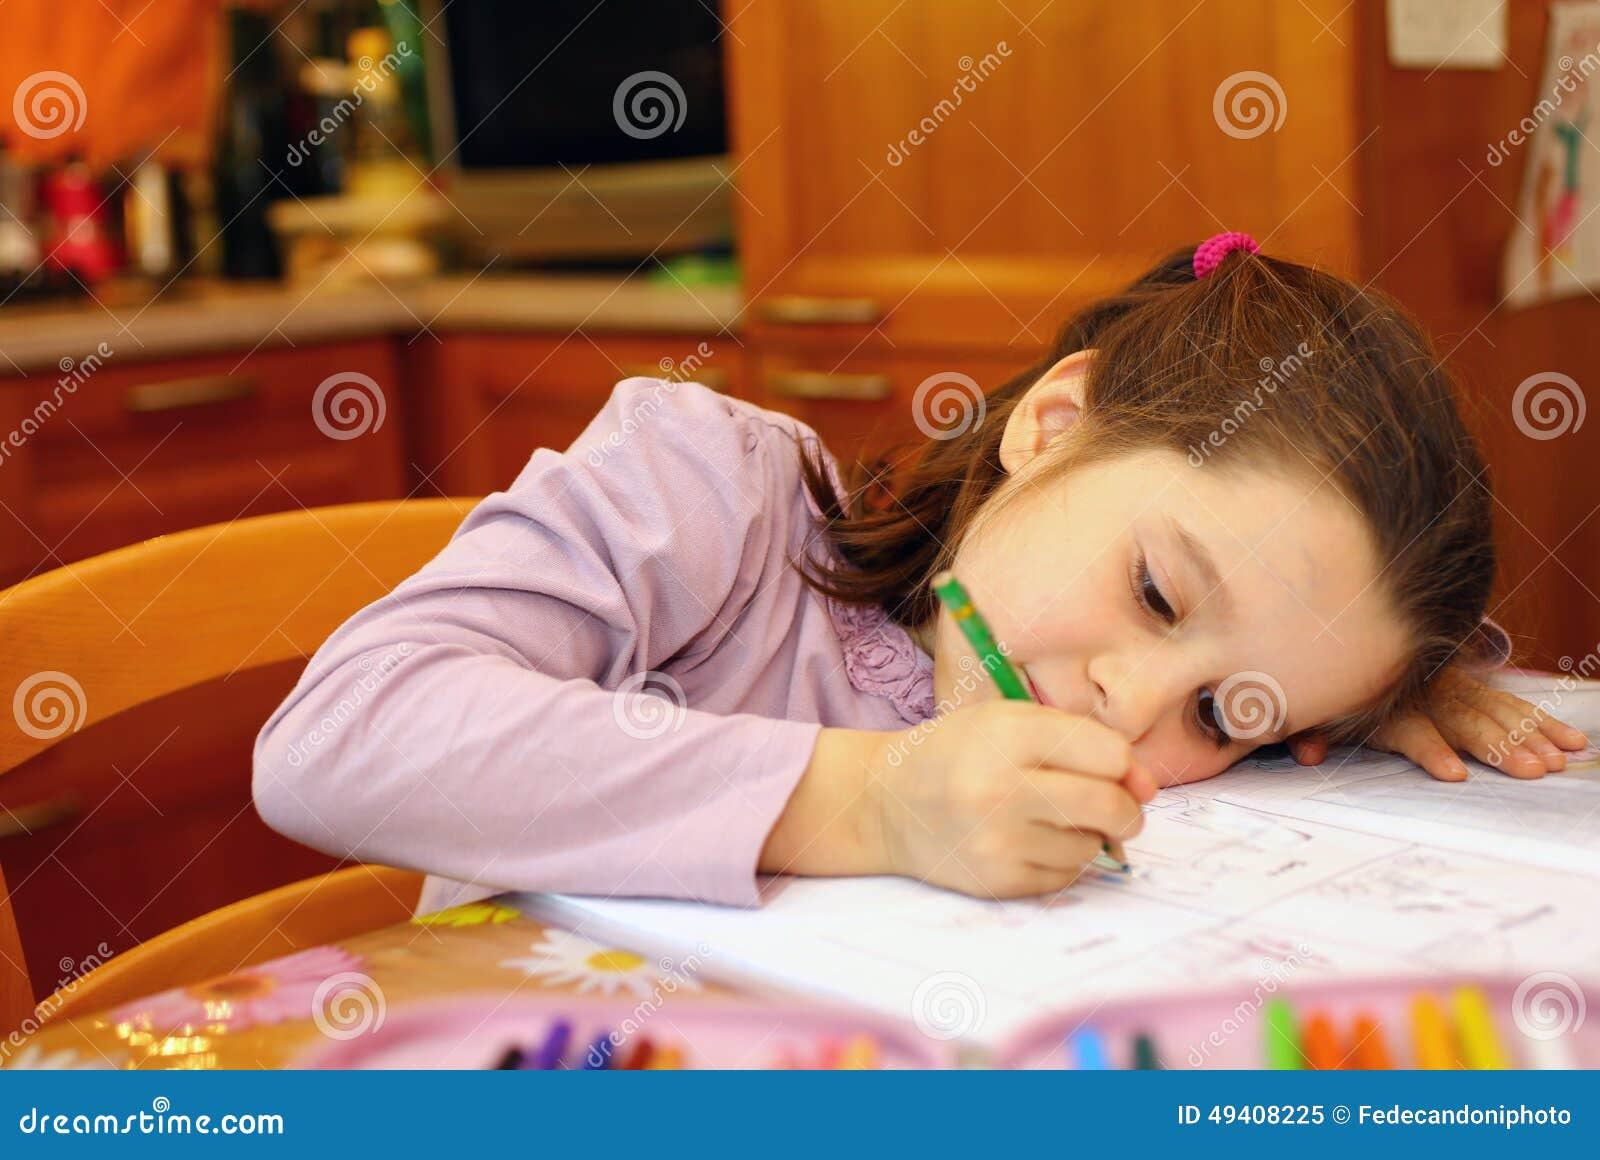 Download Durchdachtes Junges Mädchen Schreibt Stockbild - Bild von aktivität, educations: 49408225